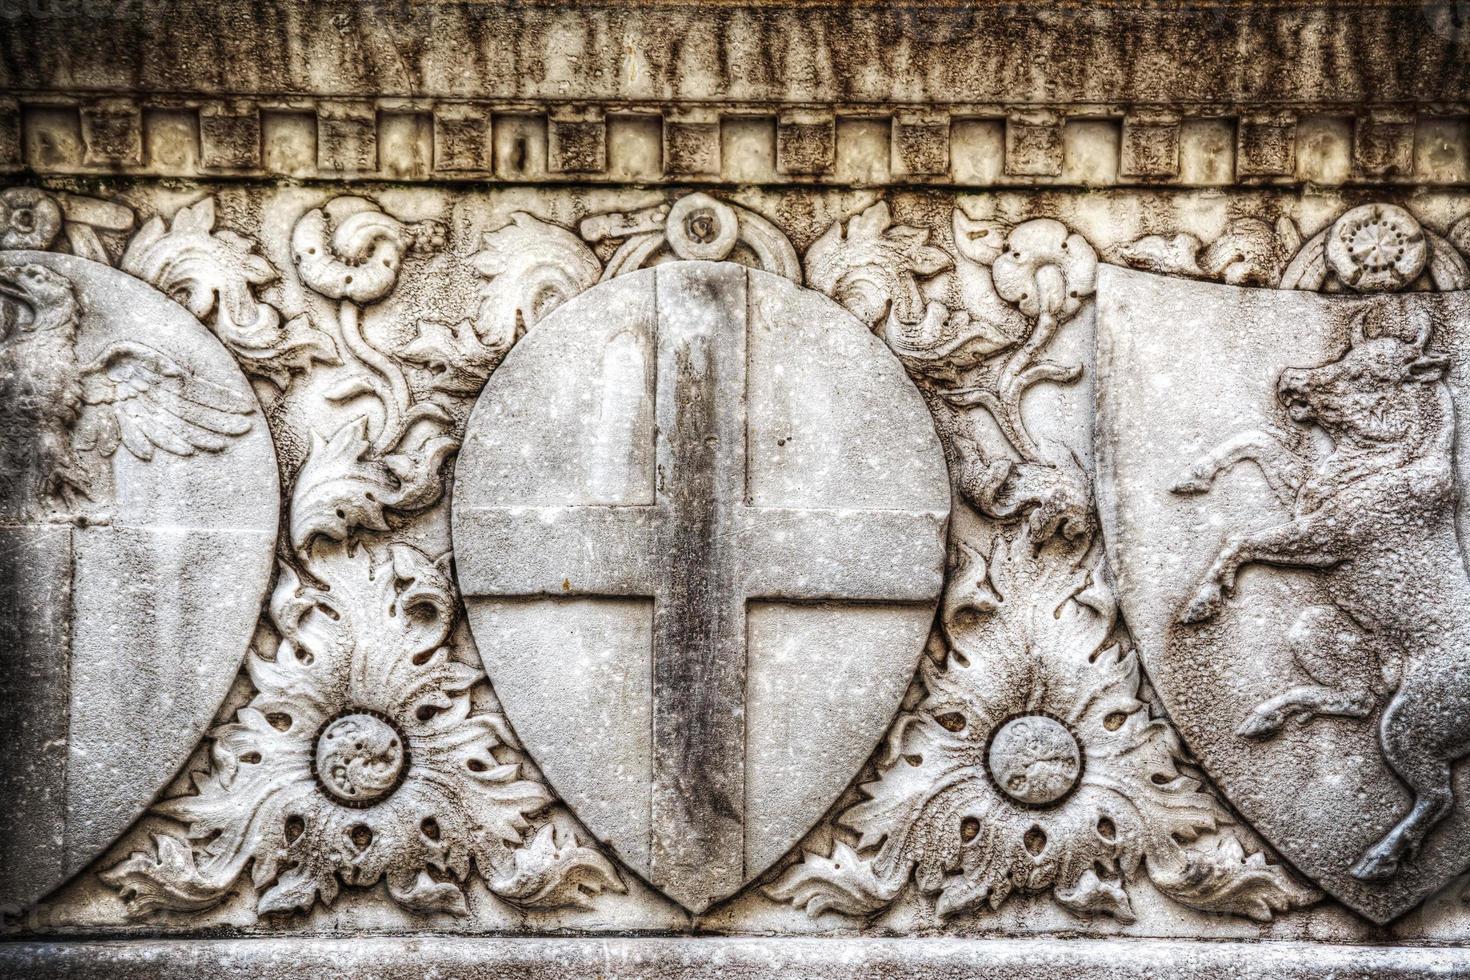 Nahaufnahme des Flachreliefs in Santa Croce foto